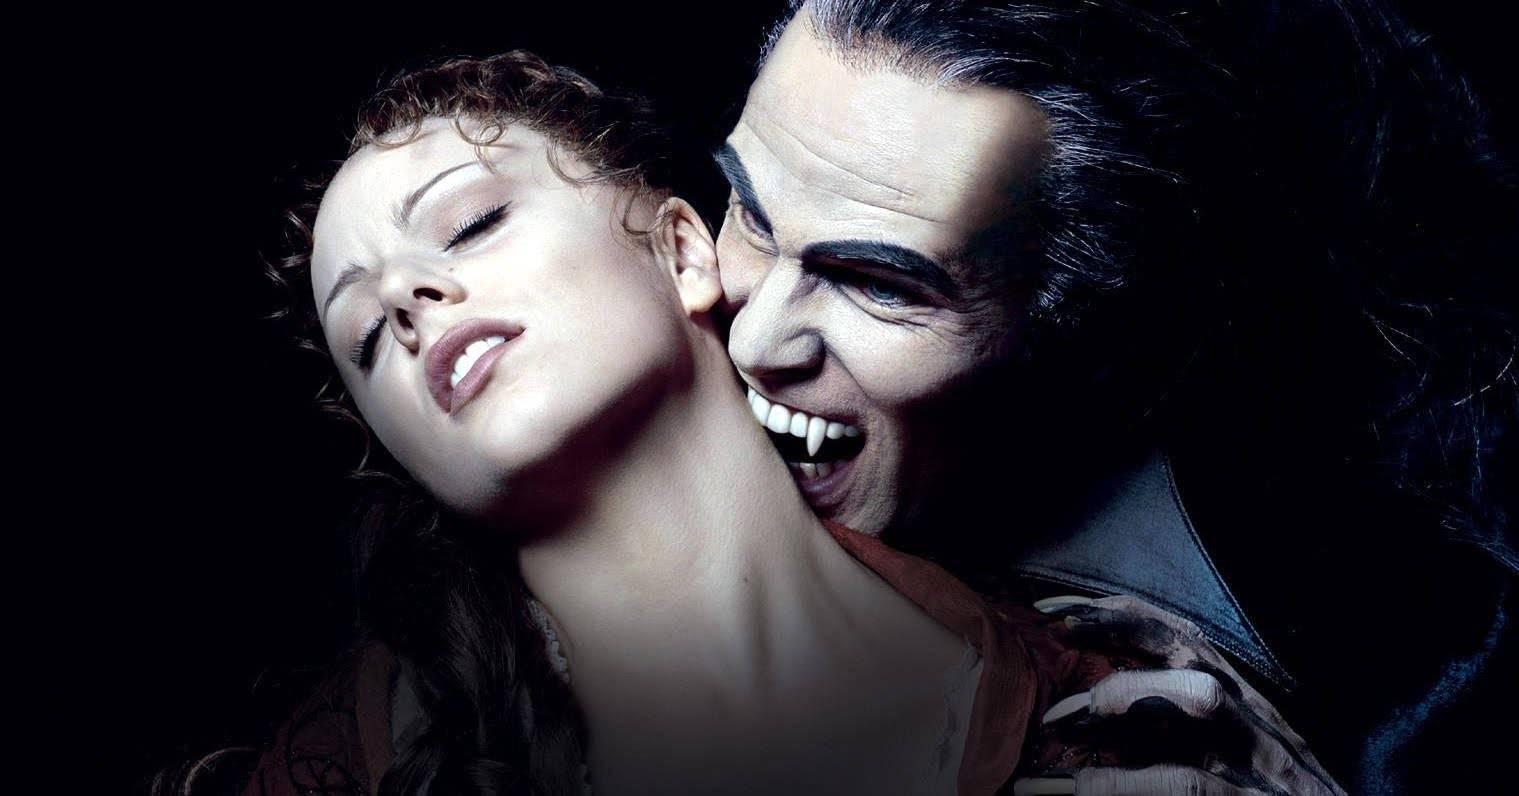 Существуют ли вампиры в реальной жизни?